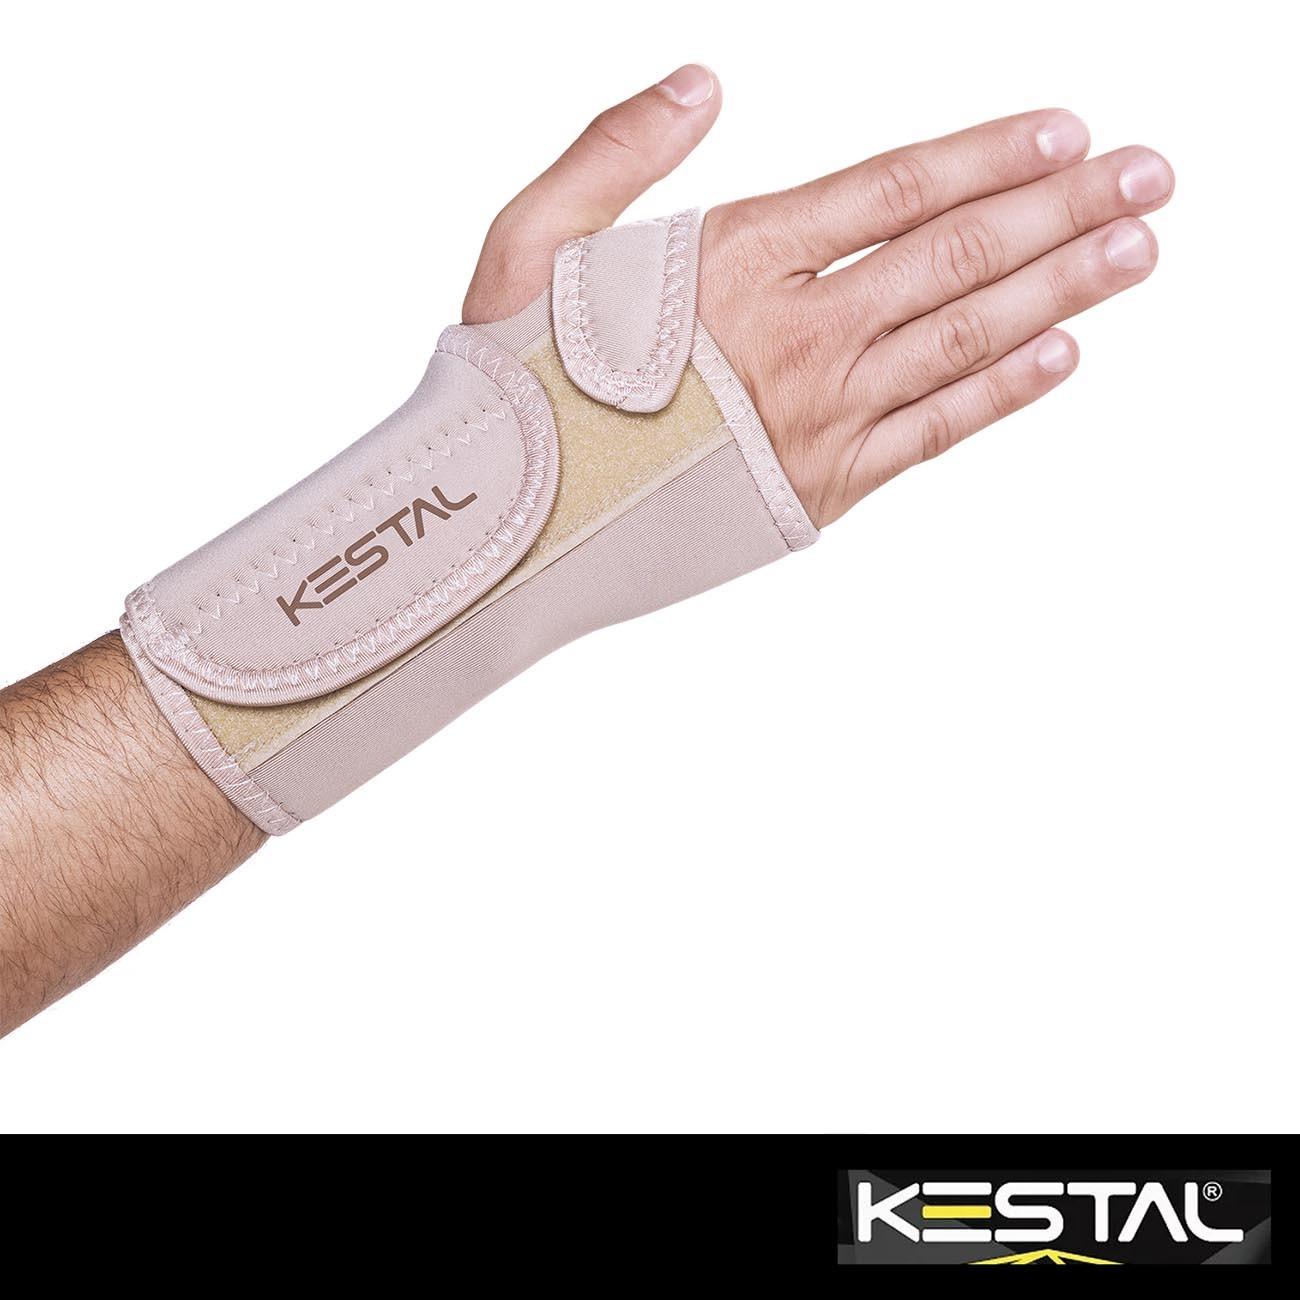 Munhequeira Com Tala de Punho Bilateral Ajustável (KSN011) - Kestal